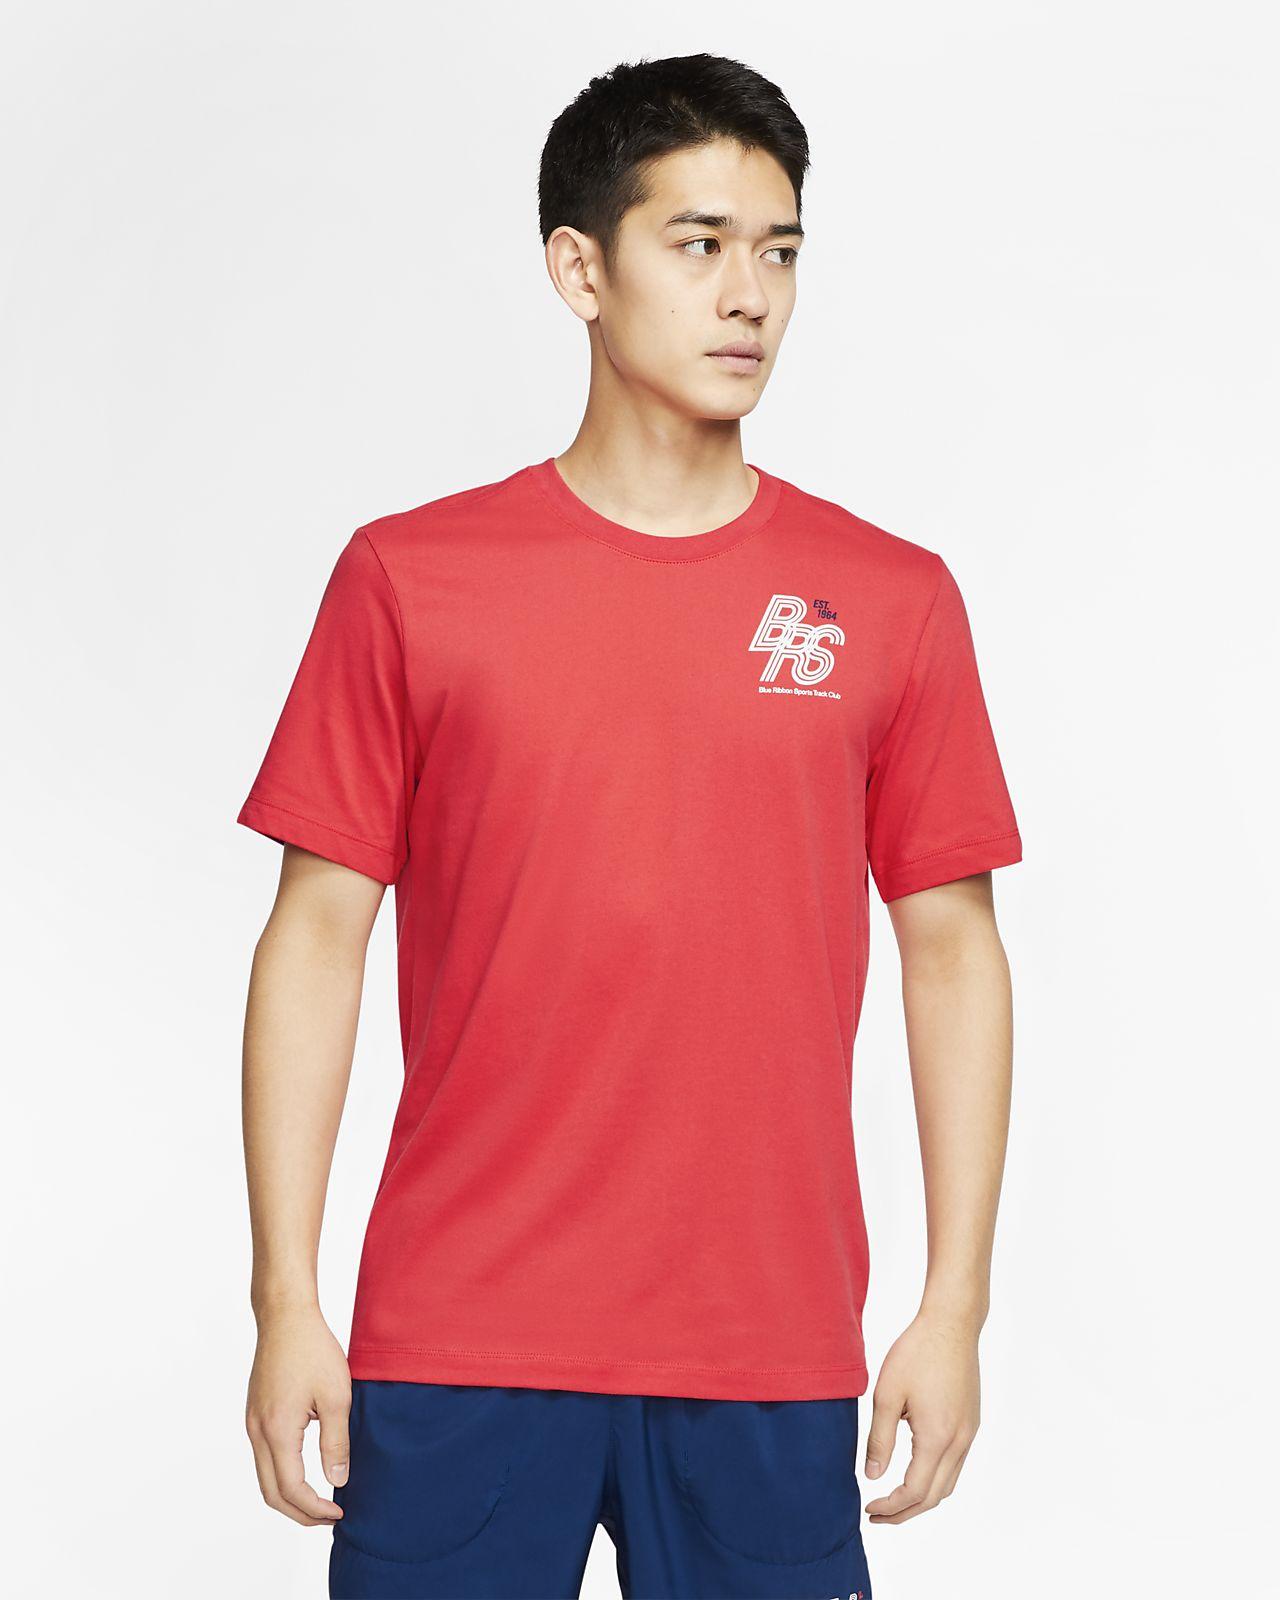 Nike Dri-FIT Blue Ribbon Sports Running T-Shirt